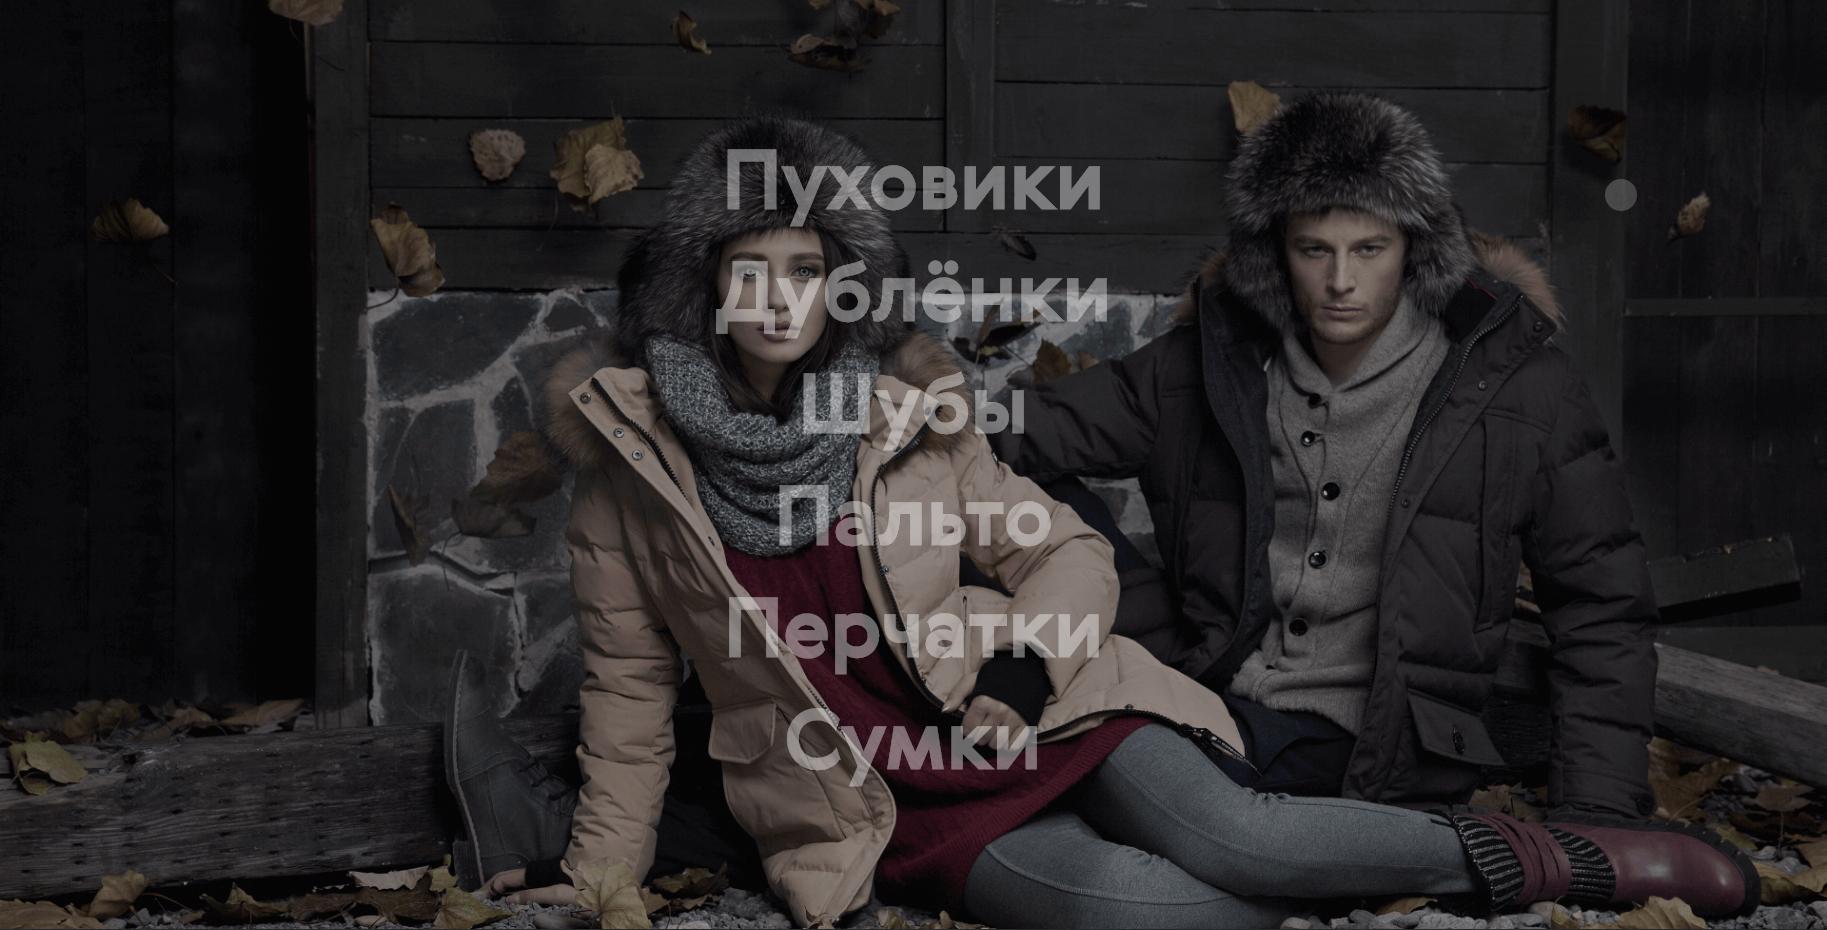 Juliazahn - Website of the Day